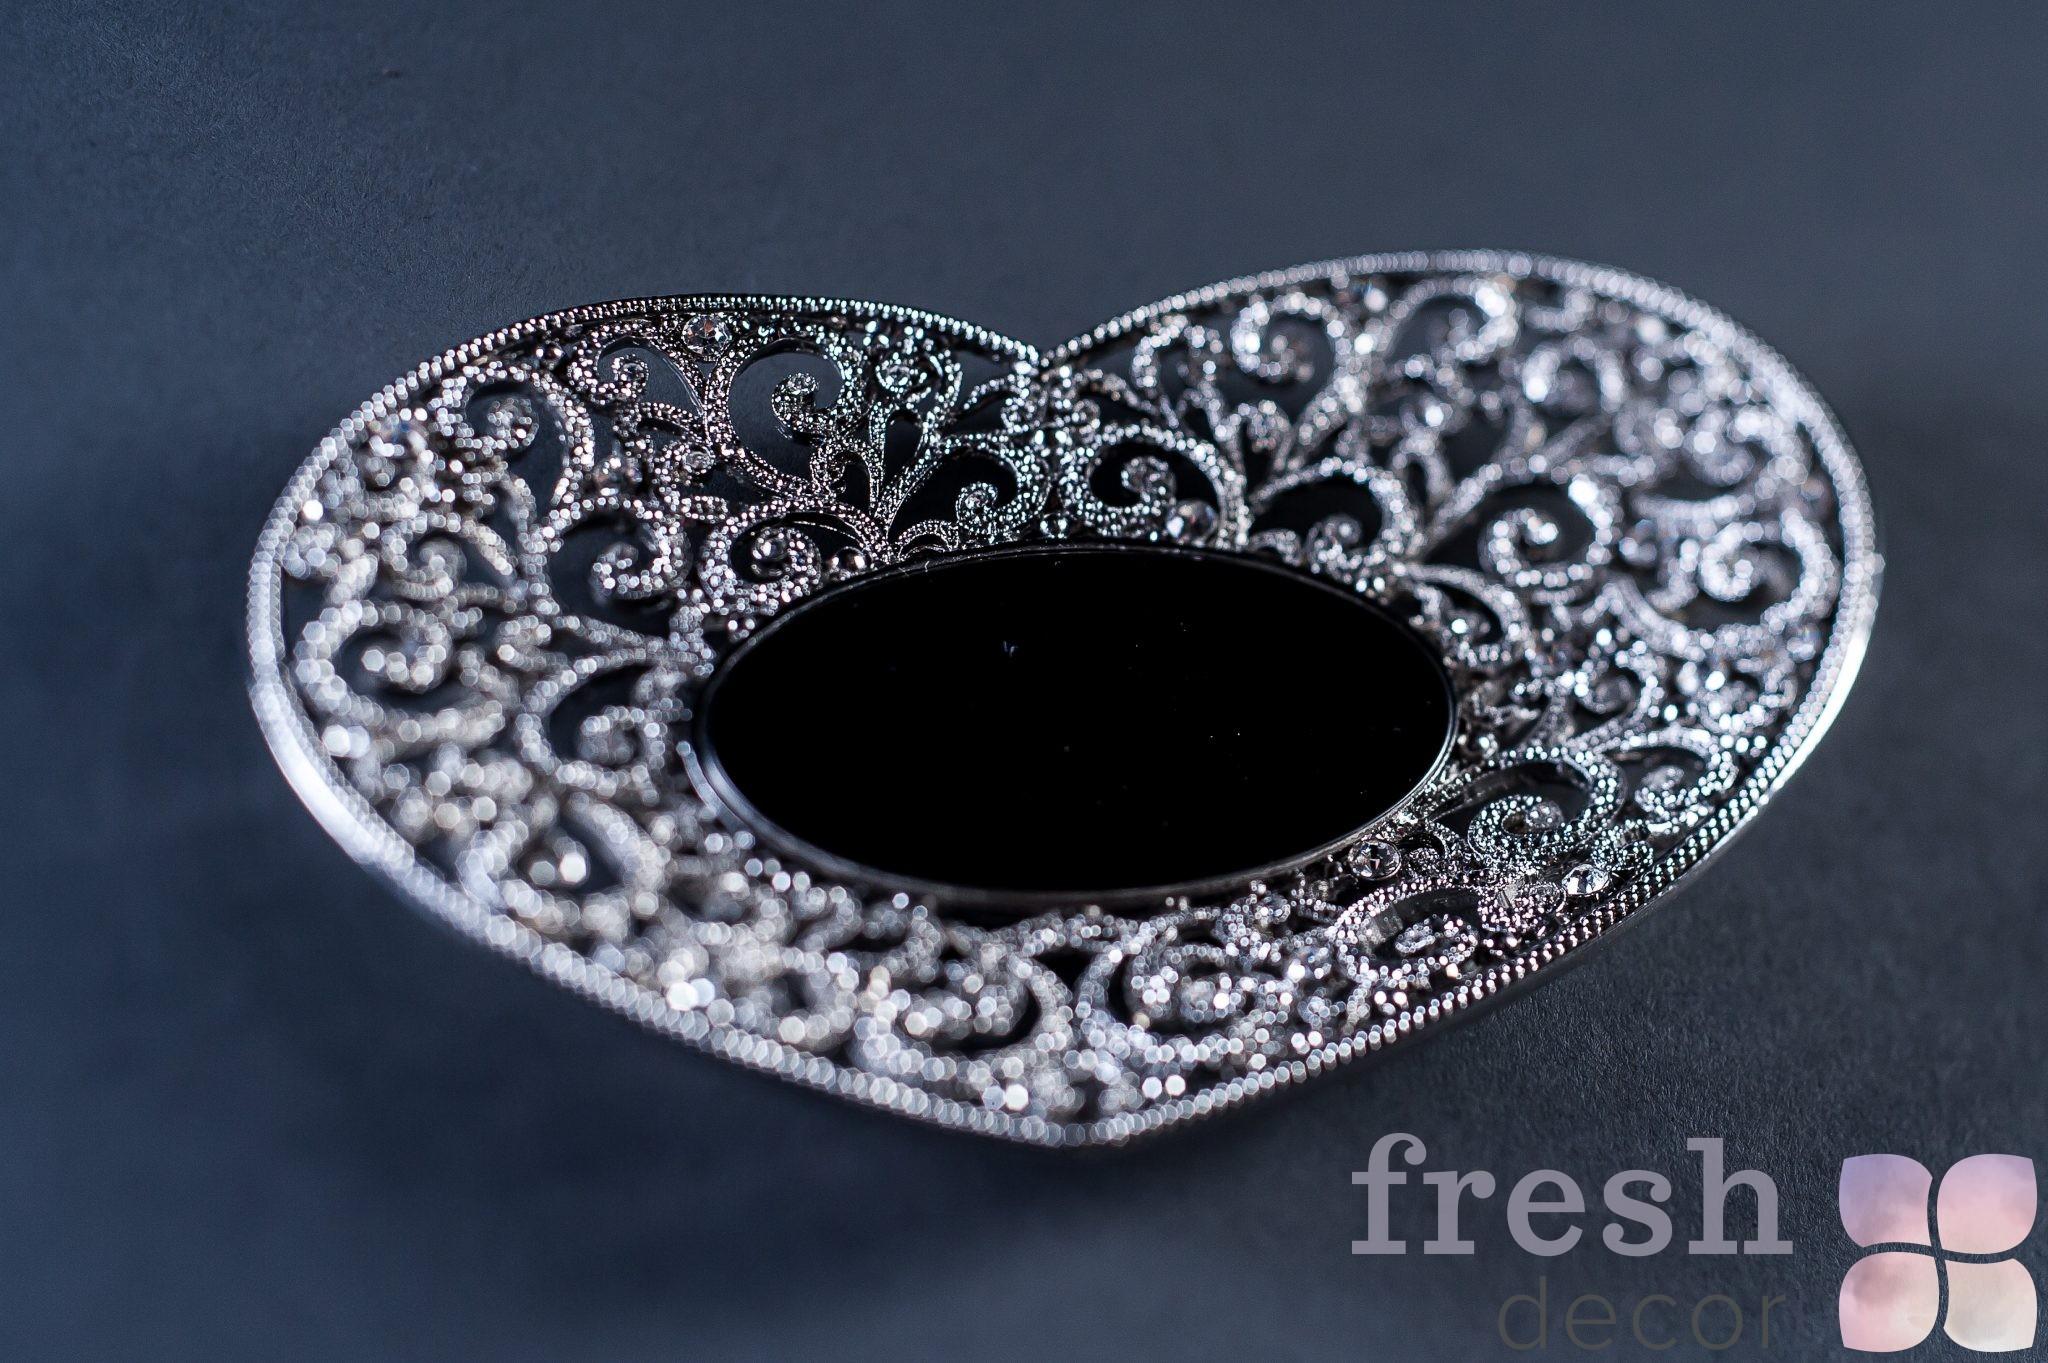 Аренда для праздника блюда из серебра под кольца